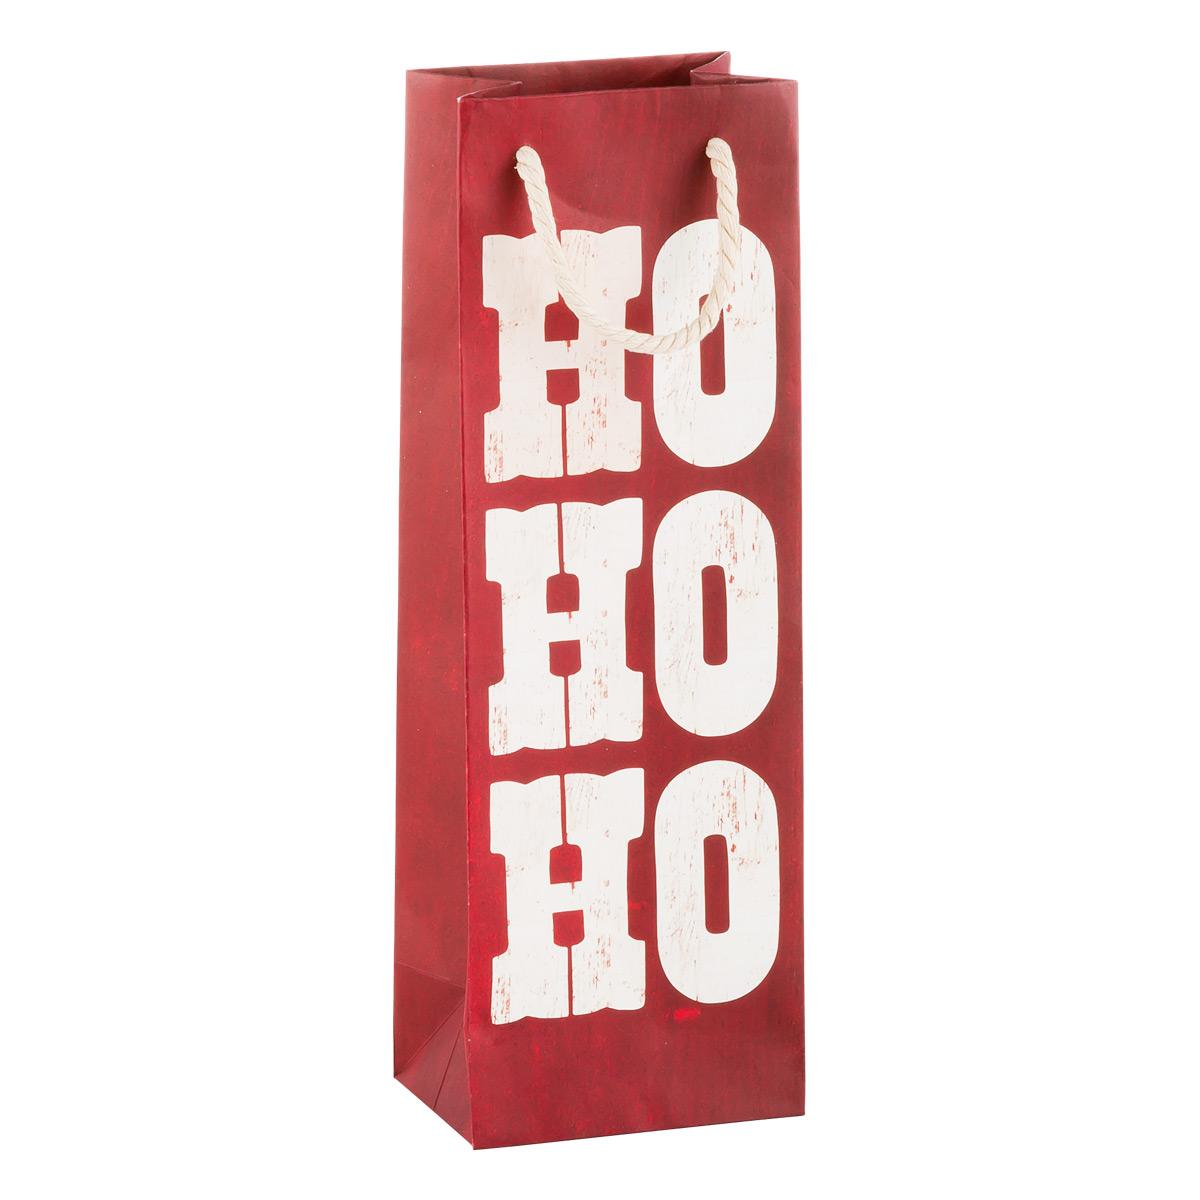 Tote Rustic Ho Ho Ho